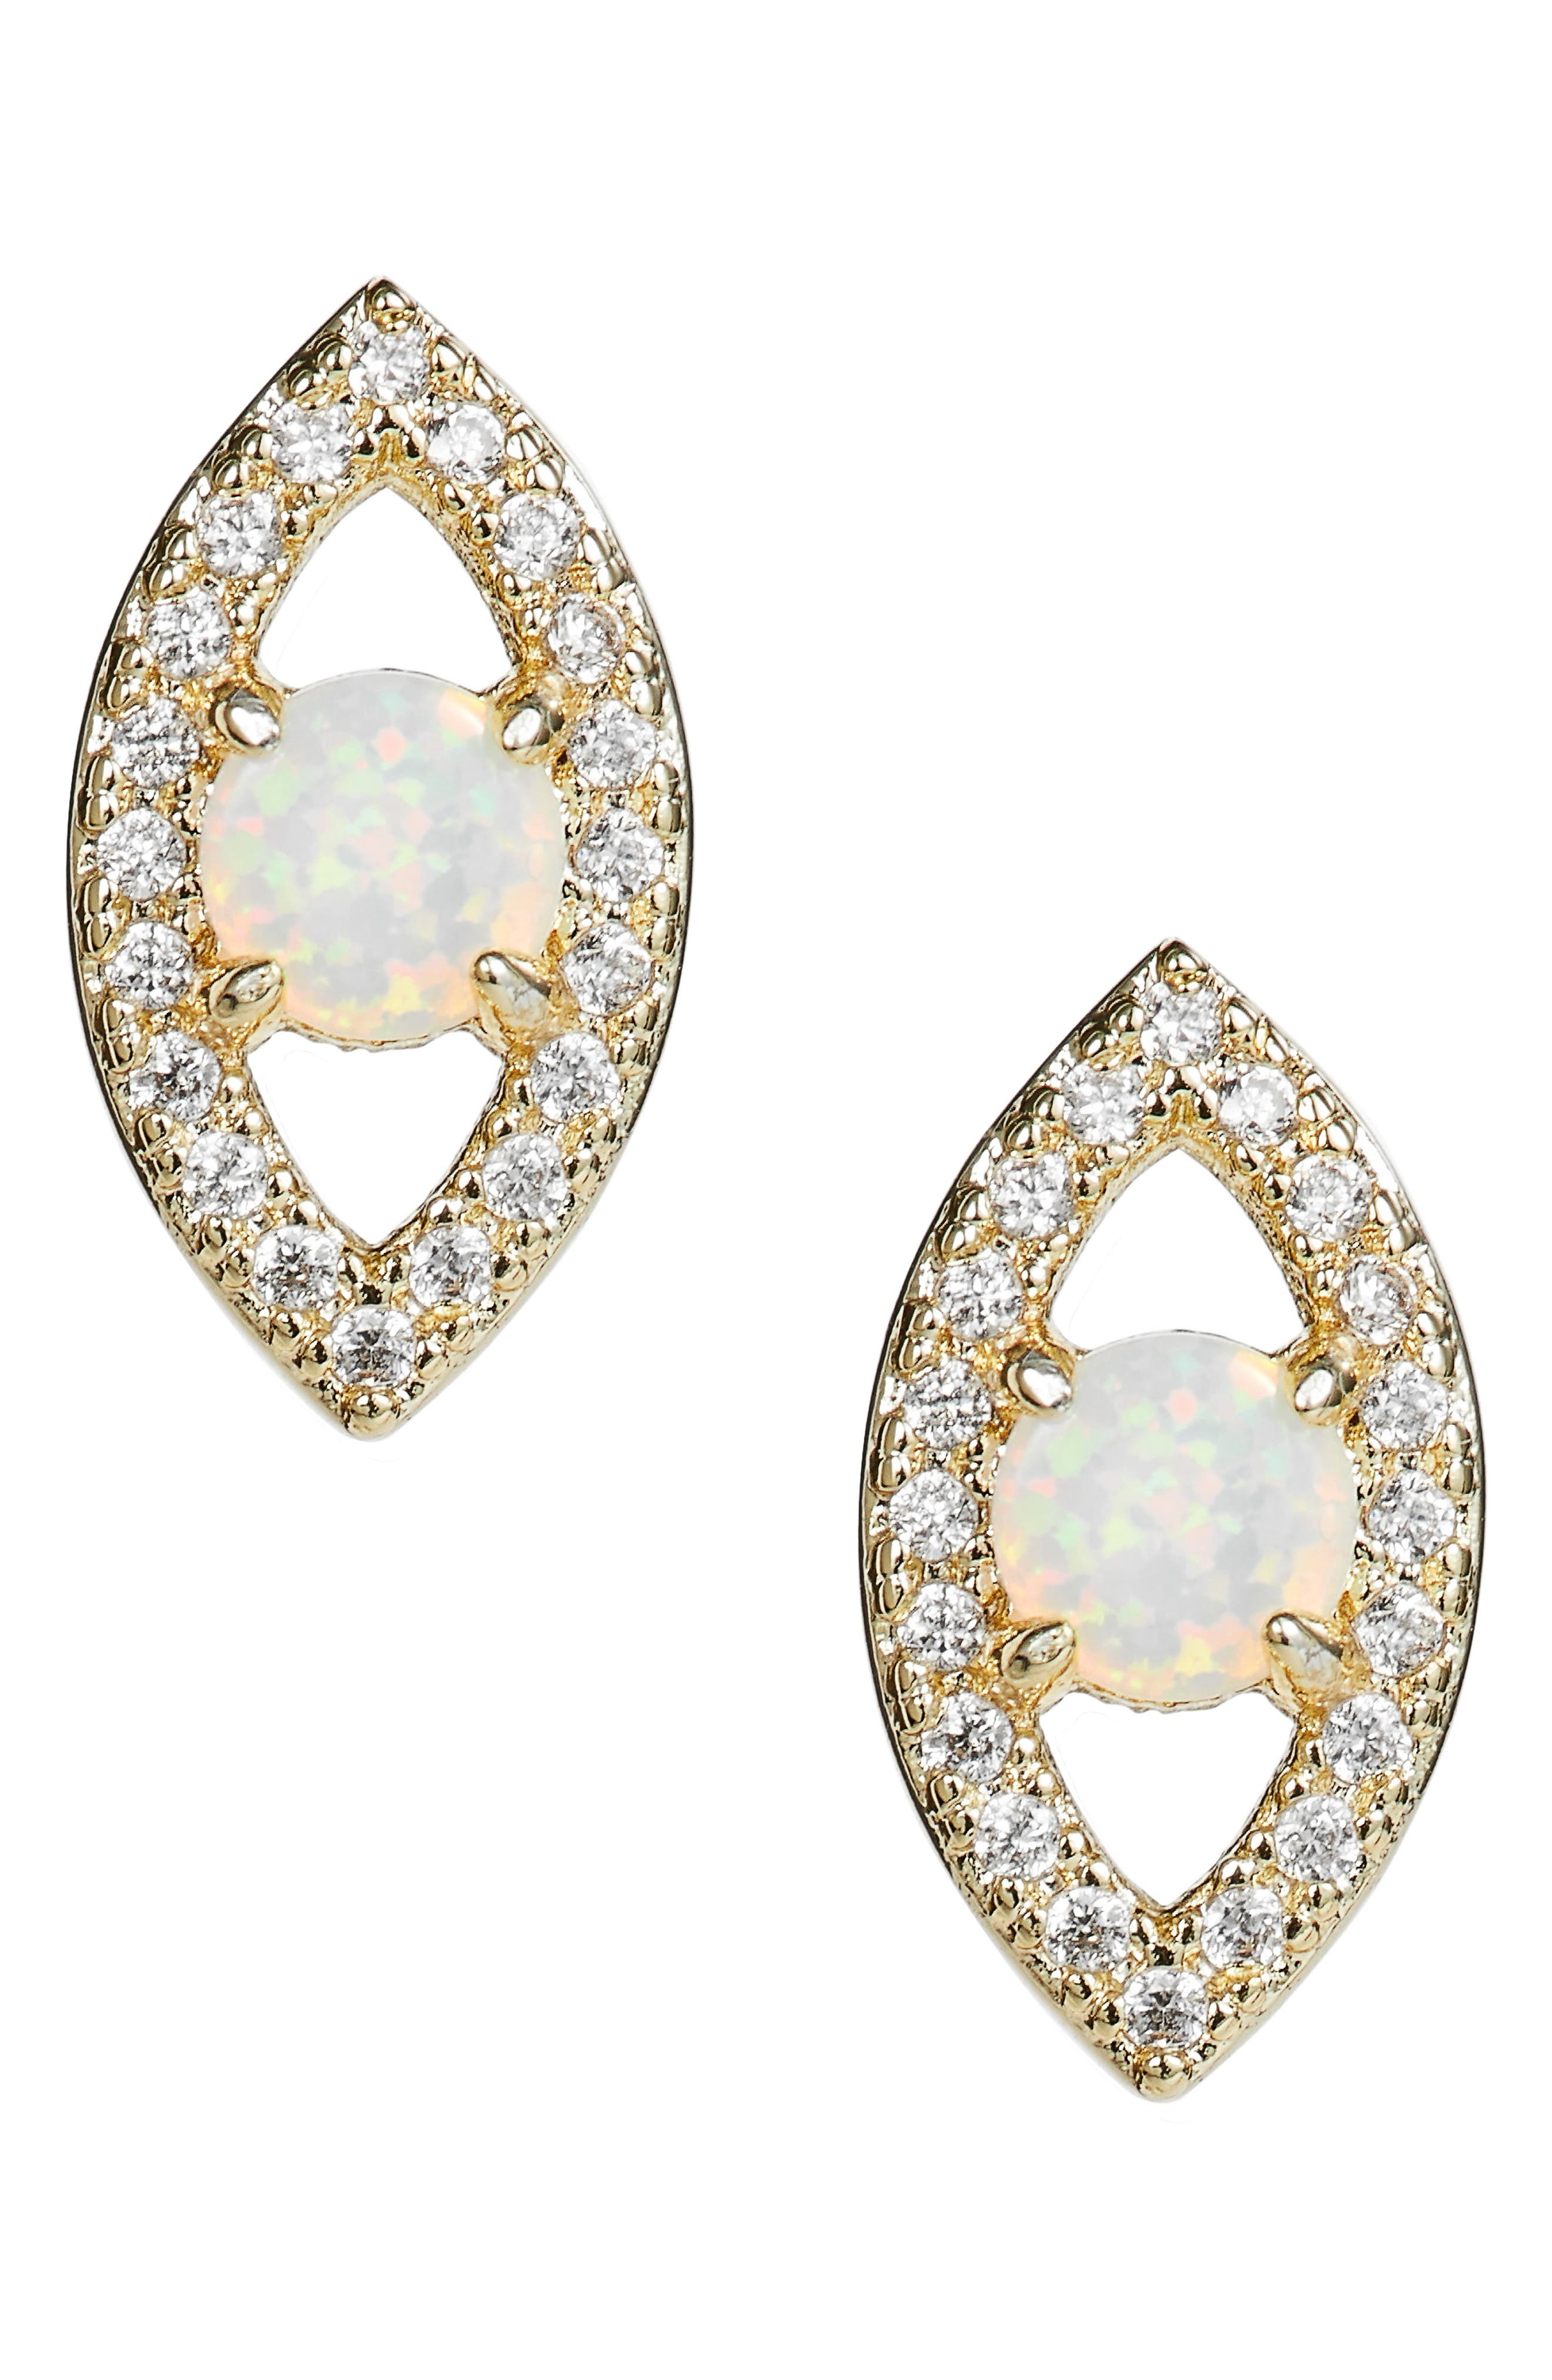 MELINDA MARIA, Evil Eye Stud Earrings, Main thumbnail 1, color, 710